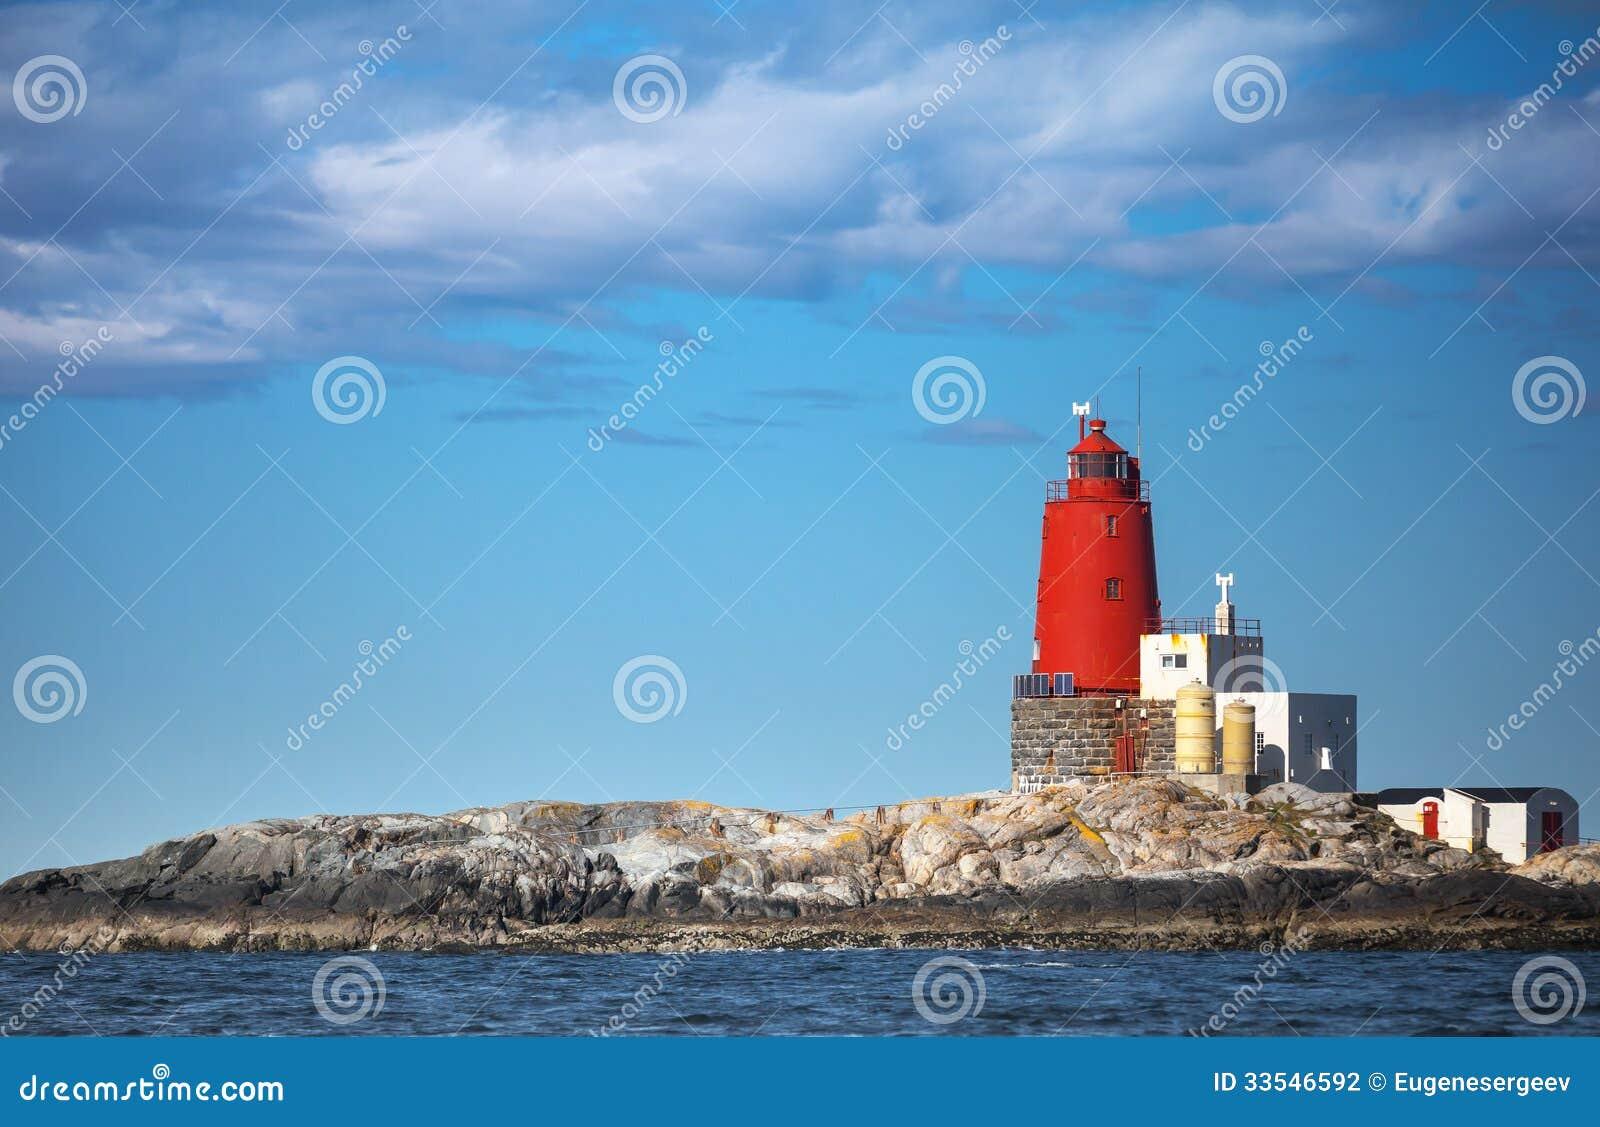 Norwegischer Leuchtturm mit großem rotem Turm